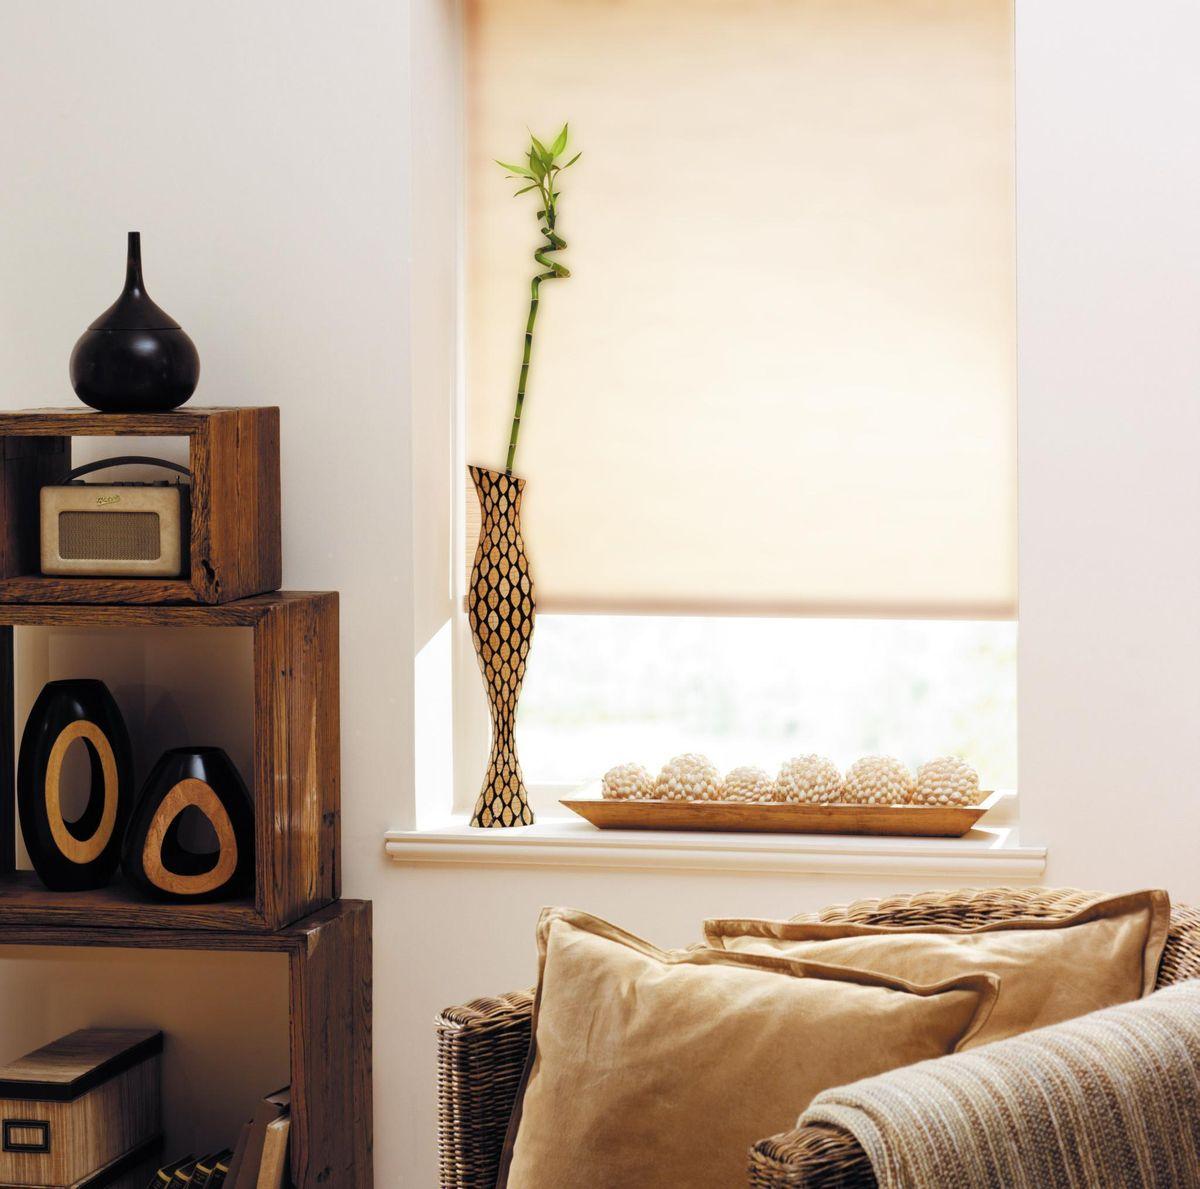 Штора рулонная Эскар, цвет: бежевый лен, ширина 150 см, высота 170 см80409150170Рулонными шторами можно оформлять окна как самостоятельно, так и использовать в комбинации с портьерами. Это поможет предотвратить выгорание дорогой ткани на солнце и соединит функционал рулонных с красотой навесных.Преимущества применения рулонных штор для пластиковых окон:- имеют прекрасный внешний вид: многообразие и фактурность материала изделия отлично смотрятся в любом интерьере; - многофункциональны: есть возможность подобрать шторы способные эффективно защитить комнату от солнца, при этом о на не будет слишком темной. - Есть возможность осуществить быстрый монтаж. ВНИМАНИЕ! Размеры ширины изделия указаны по ширине ткани!Во время эксплуатации не рекомендуется полностью разматывать рулон, чтобы не оторвать ткань от намоточного вала.В случае загрязнения поверхности ткани, чистку шторы проводят одним из способов, в зависимости от типа загрязнения: легкое поверхностное загрязнение можно удалить при помощи канцелярского ластика; чистка от пыли производится сухим методом при помощи пылесоса с мягкой щеткой-насадкой; для удаления пятна используйте мягкую губку с пенообразующим неагрессивным моющим средством или пятновыводитель на натуральной основе (нельзя применять растворители).